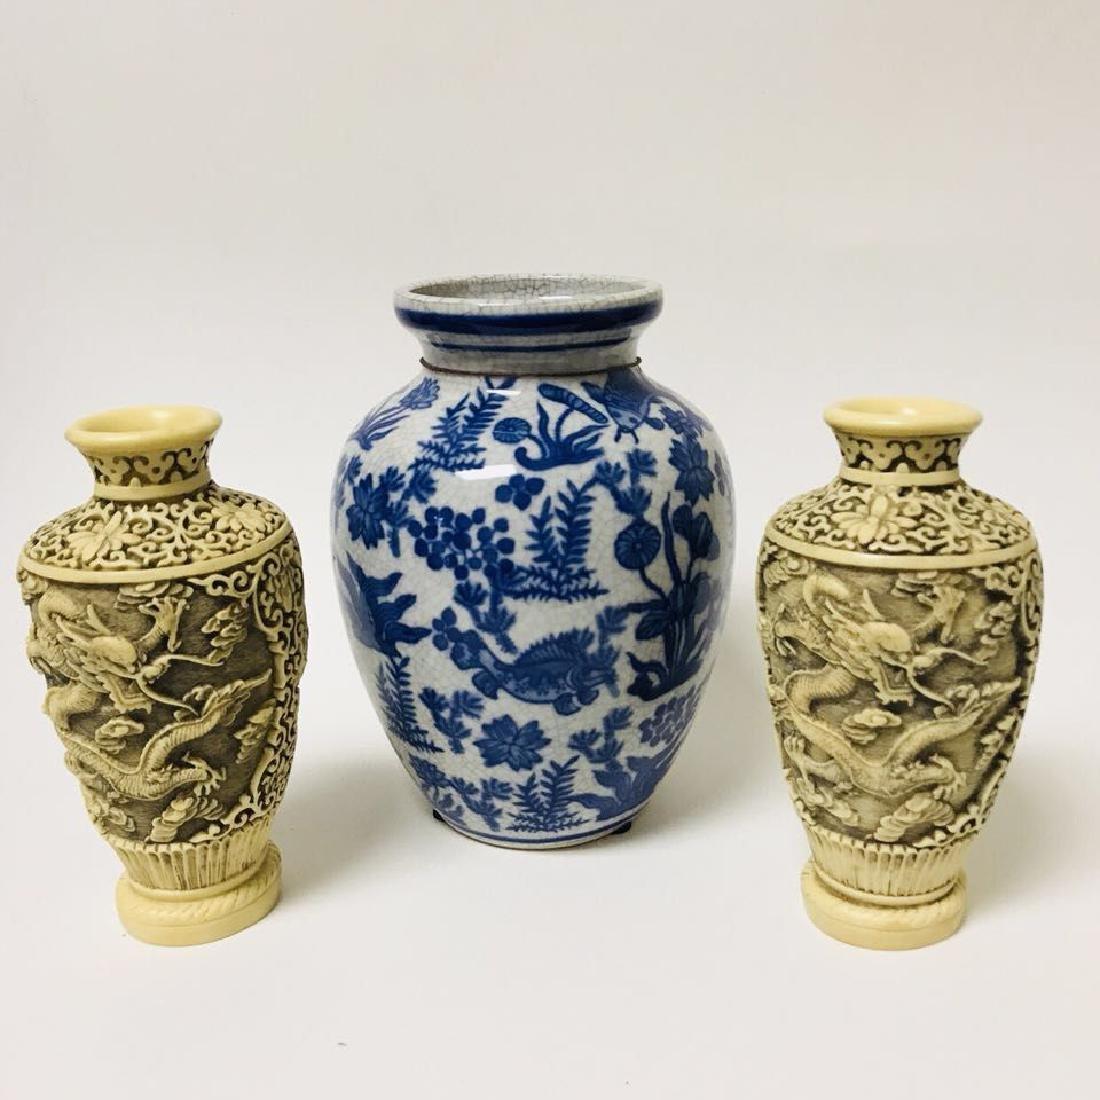 Blue and white Vase and Bone Style Vase